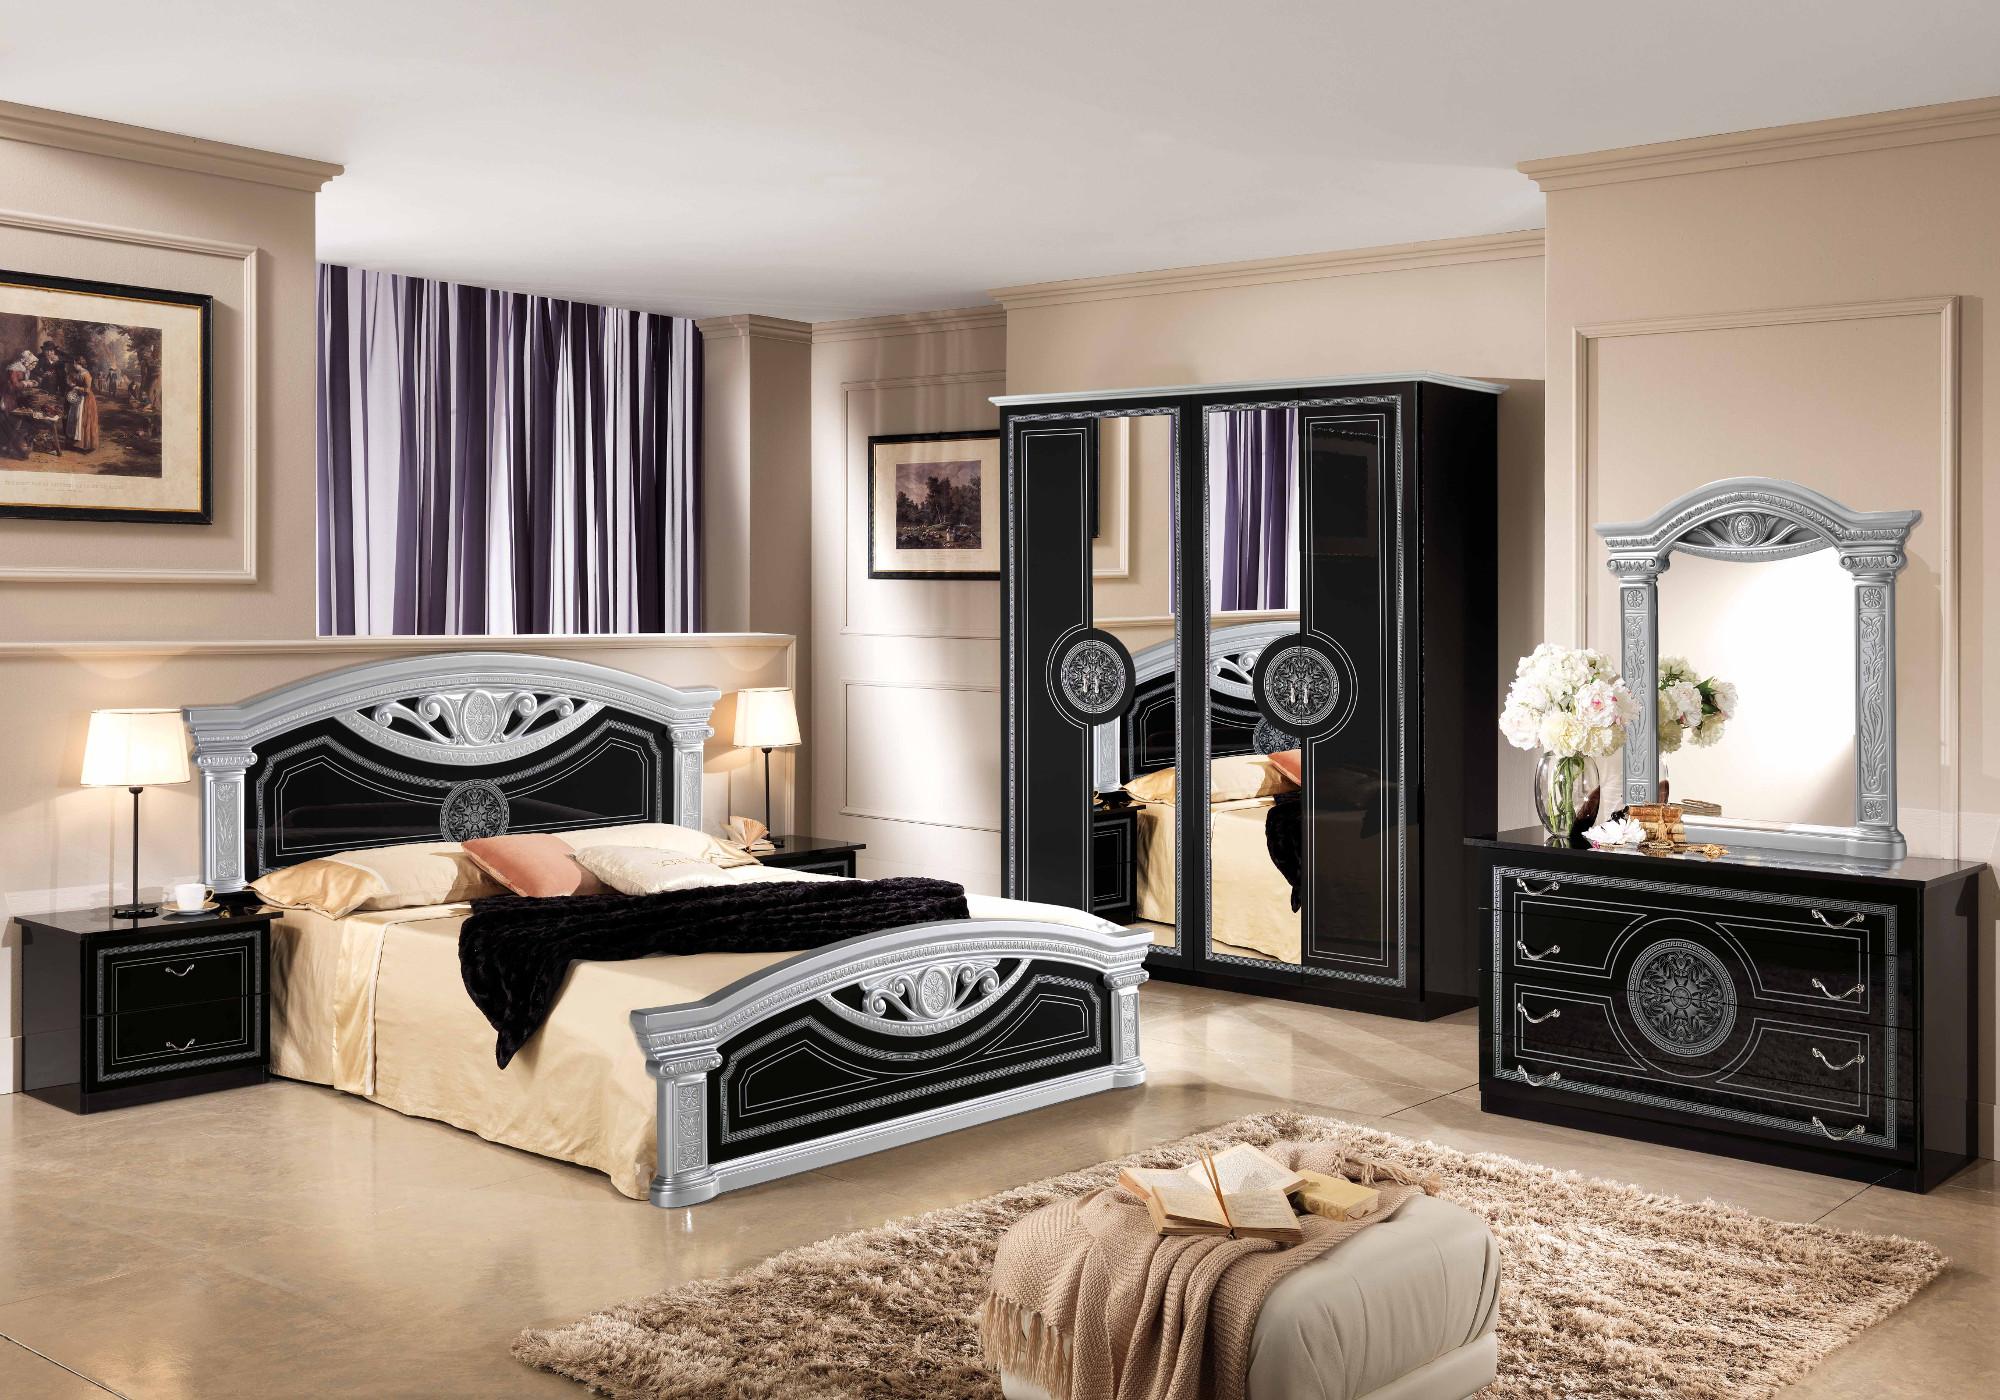 Chambre versace noir argent ROMA